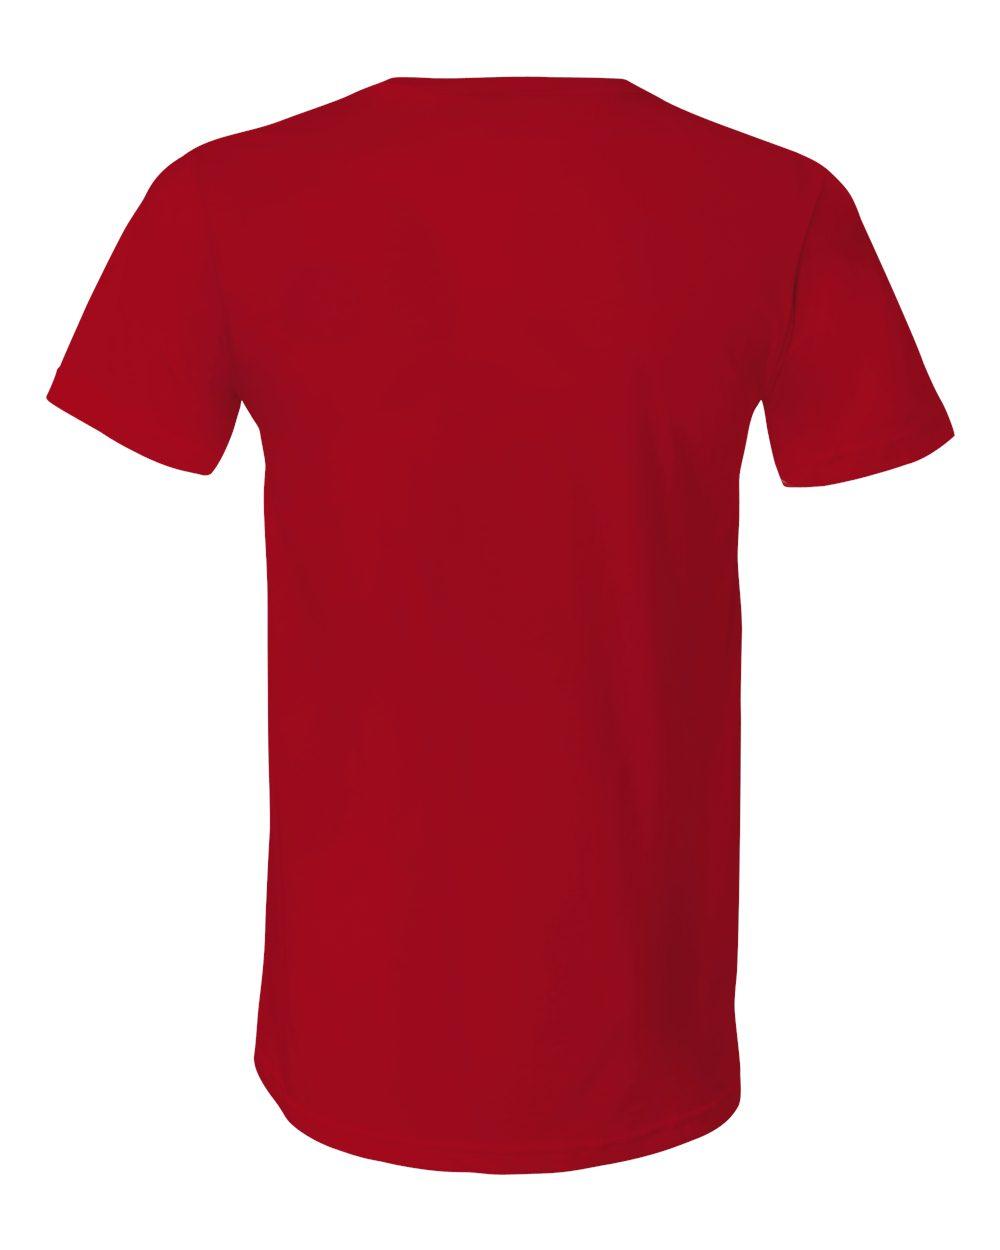 Bella-Canvas-Men-039-s-Jersey-Short-Sleeve-V-Neck-T-Shirt-3005-XS-3XL thumbnail 113